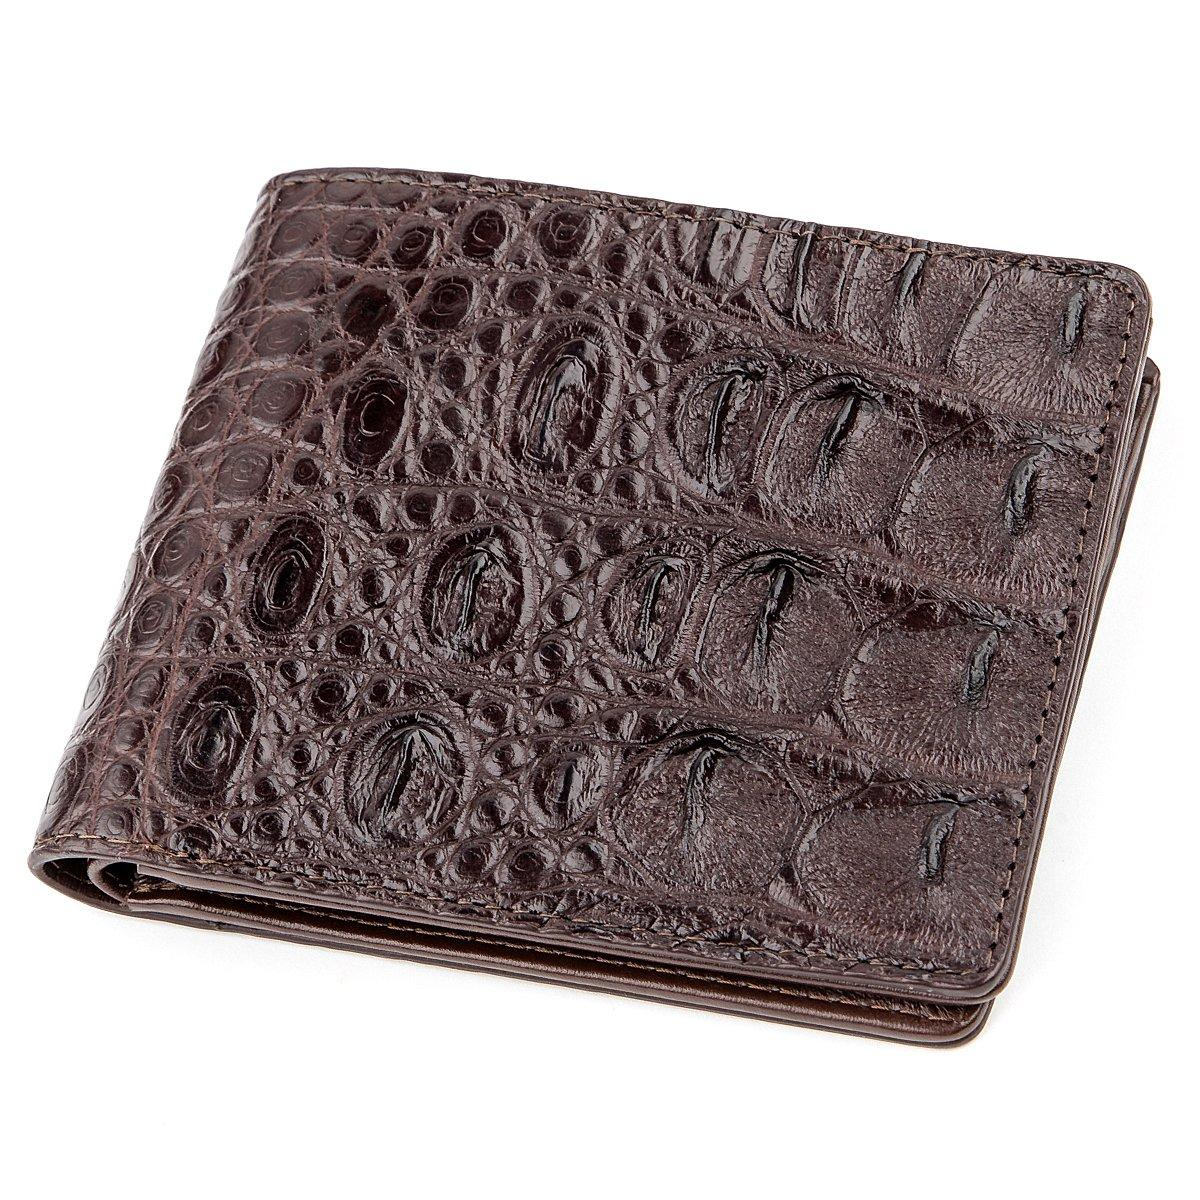 Бумажник мужской CROCODILE LEATHER 18289 из натуральной кожи крокодила Коричневый